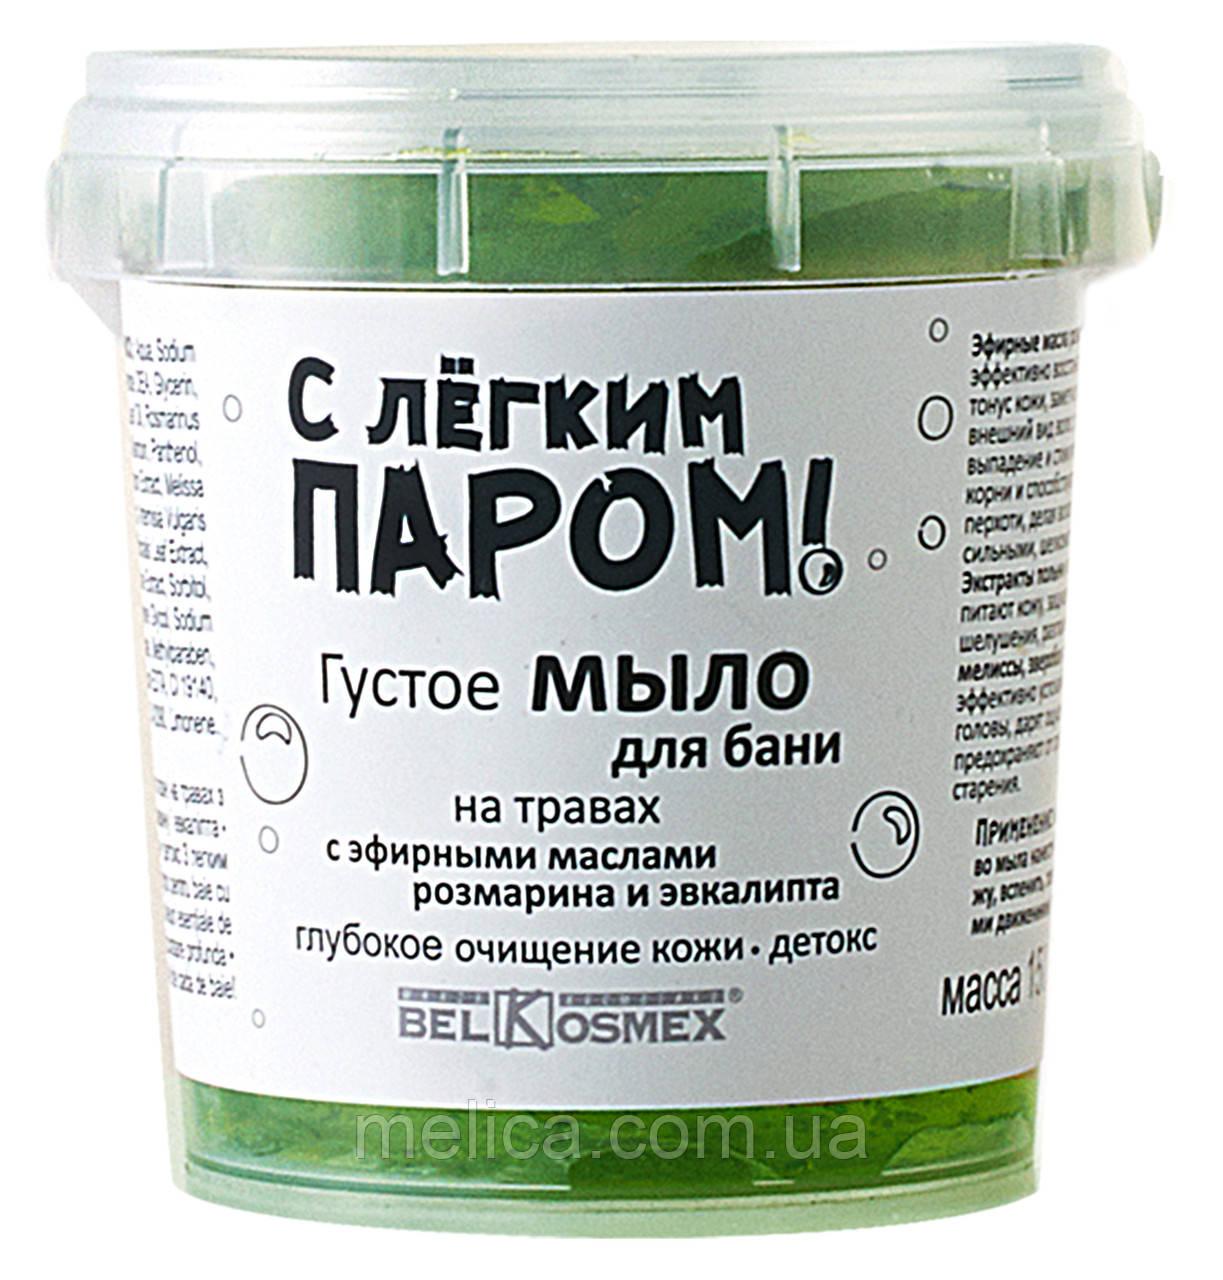 Густое мыло для бани С легким паром! На травах С эфирными маслами розмарина и эвкалипта - 150 г.